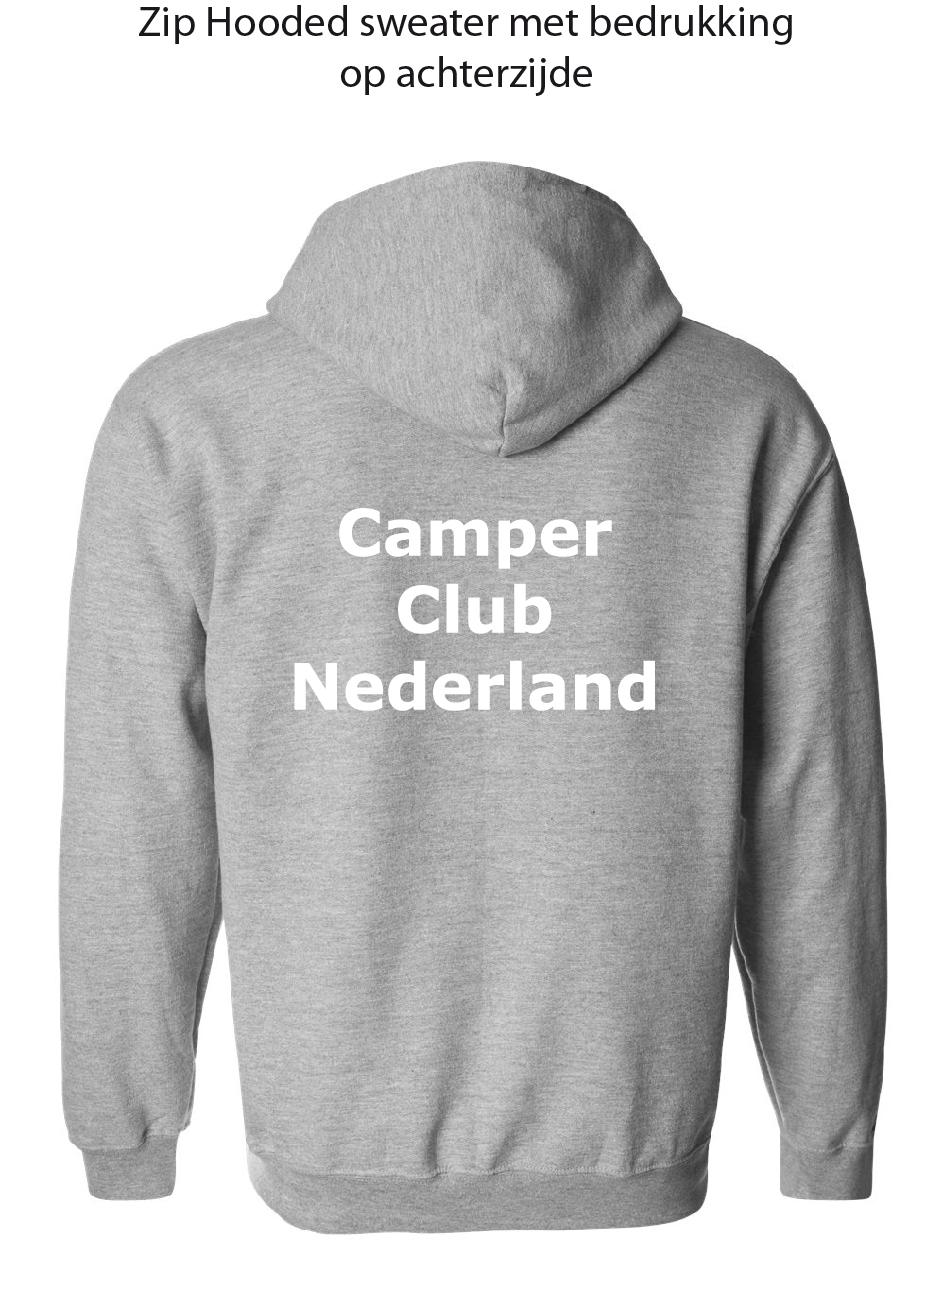 Zip Hooded Sweater met bedrukking achterzijde